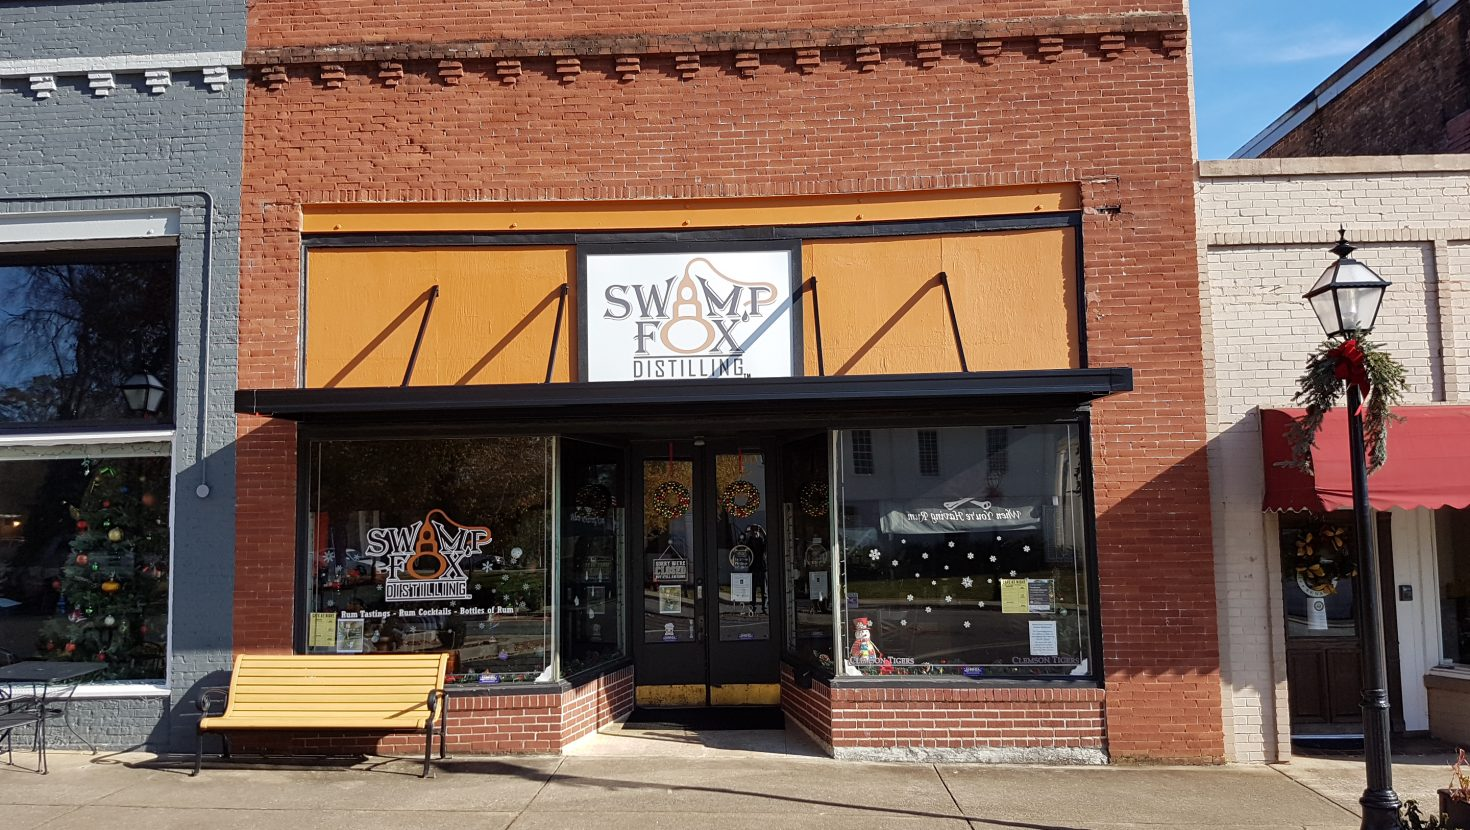 Swamp Fox Distilling – Recipient of Facade Improvement Grant